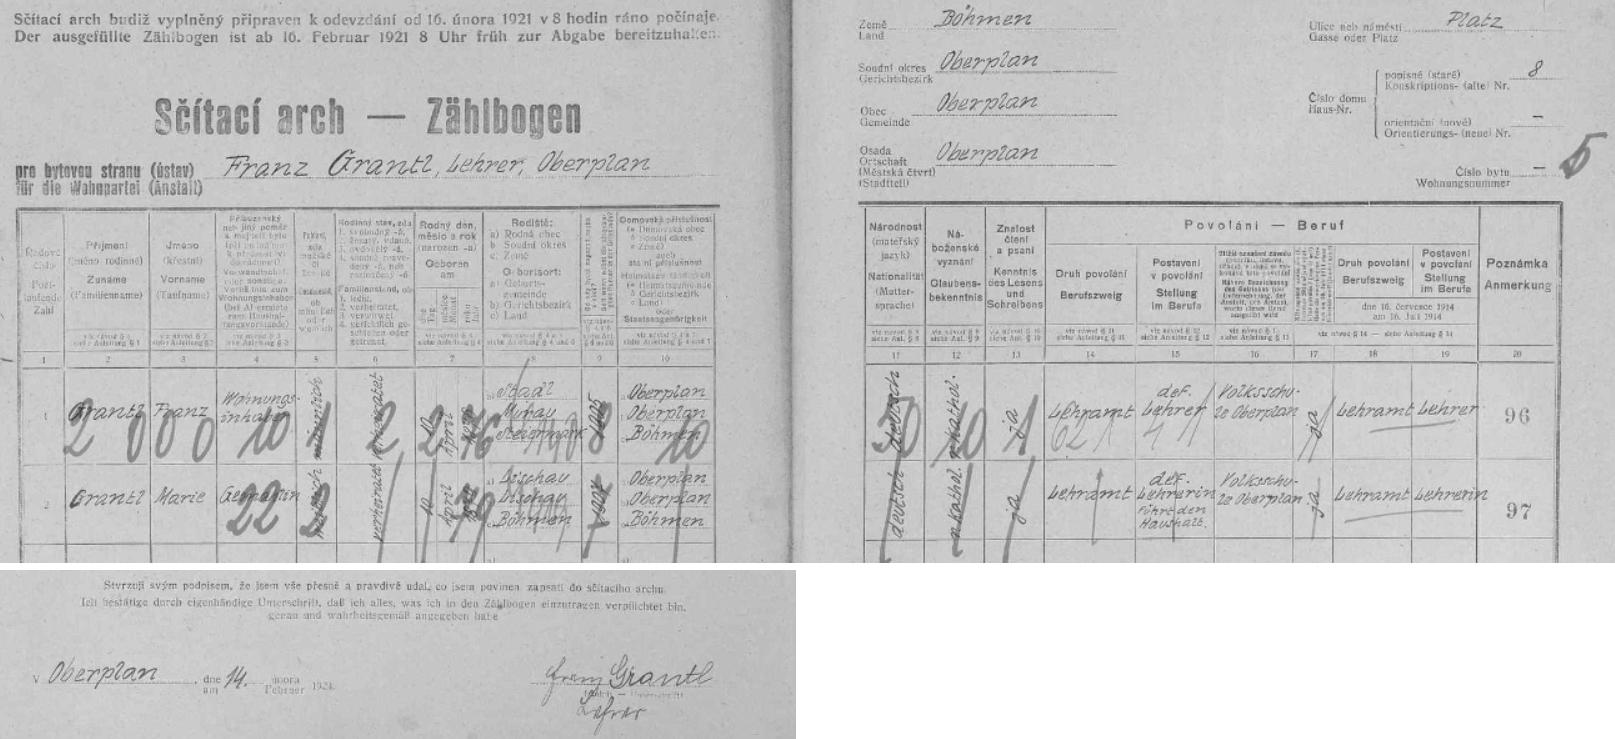 Arch sčítání lidu z roku 1921 pro hornoplánský dům čp. 8 zaznamenává ho, jím podepsaný, s manželkou Marií